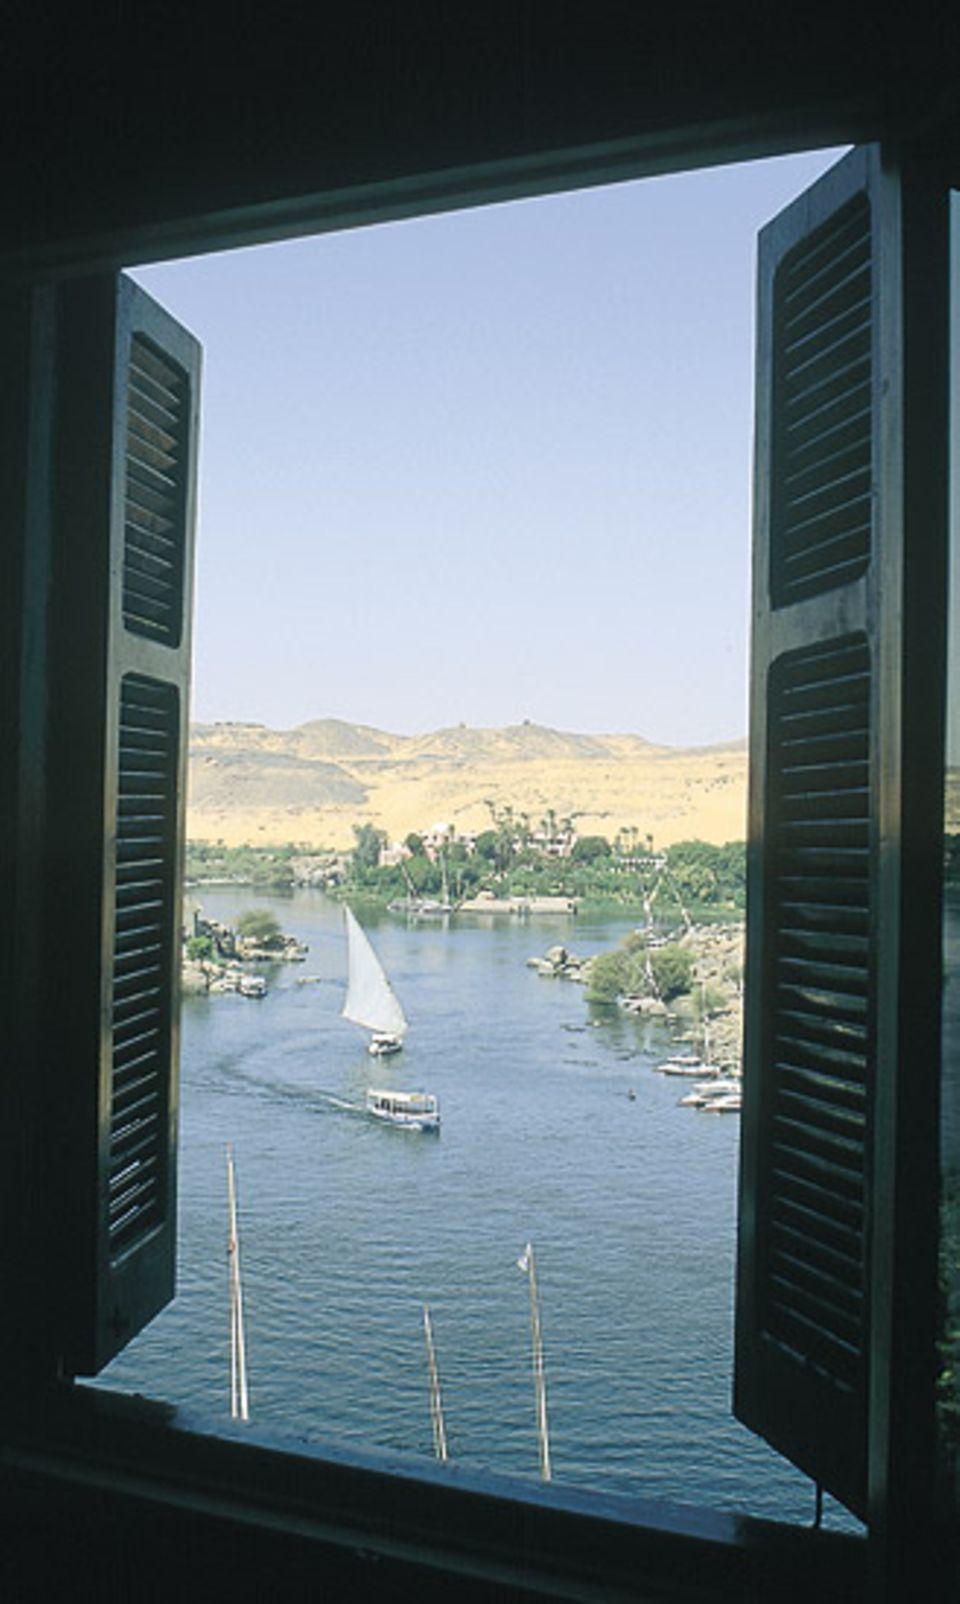 """Wasser, Boote und Wüste in Assuan - zeitgenössischer Blick aus einem Fenster des Hotels """"Old Cataract"""""""